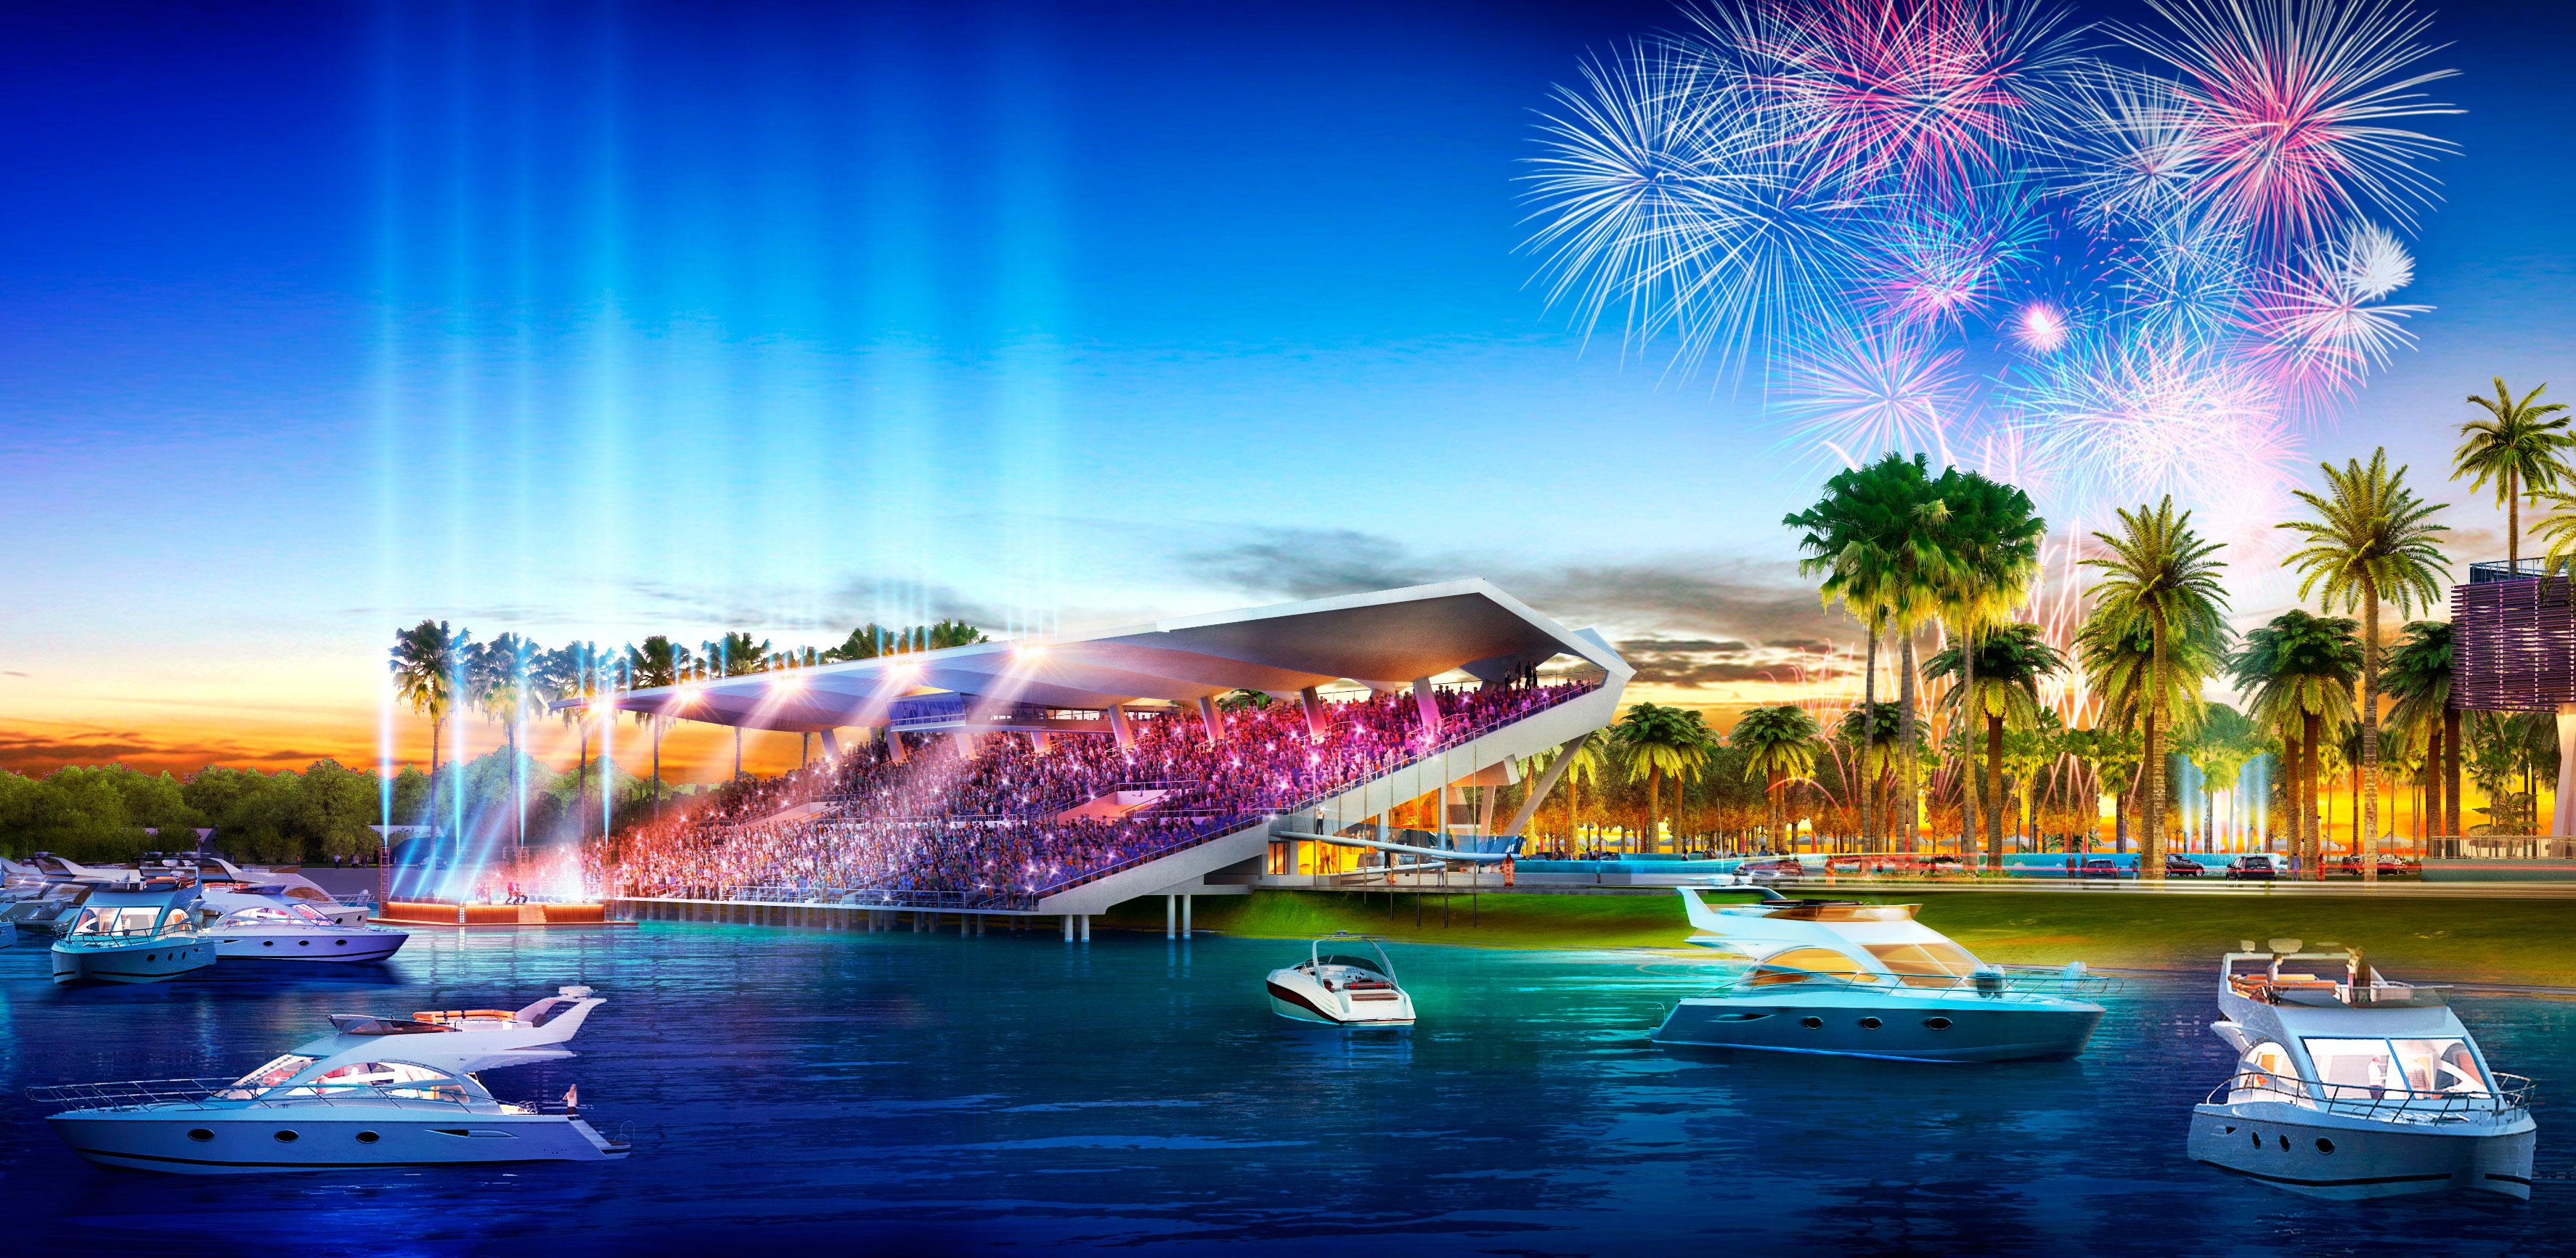 Miami-stadium-Miami boat show